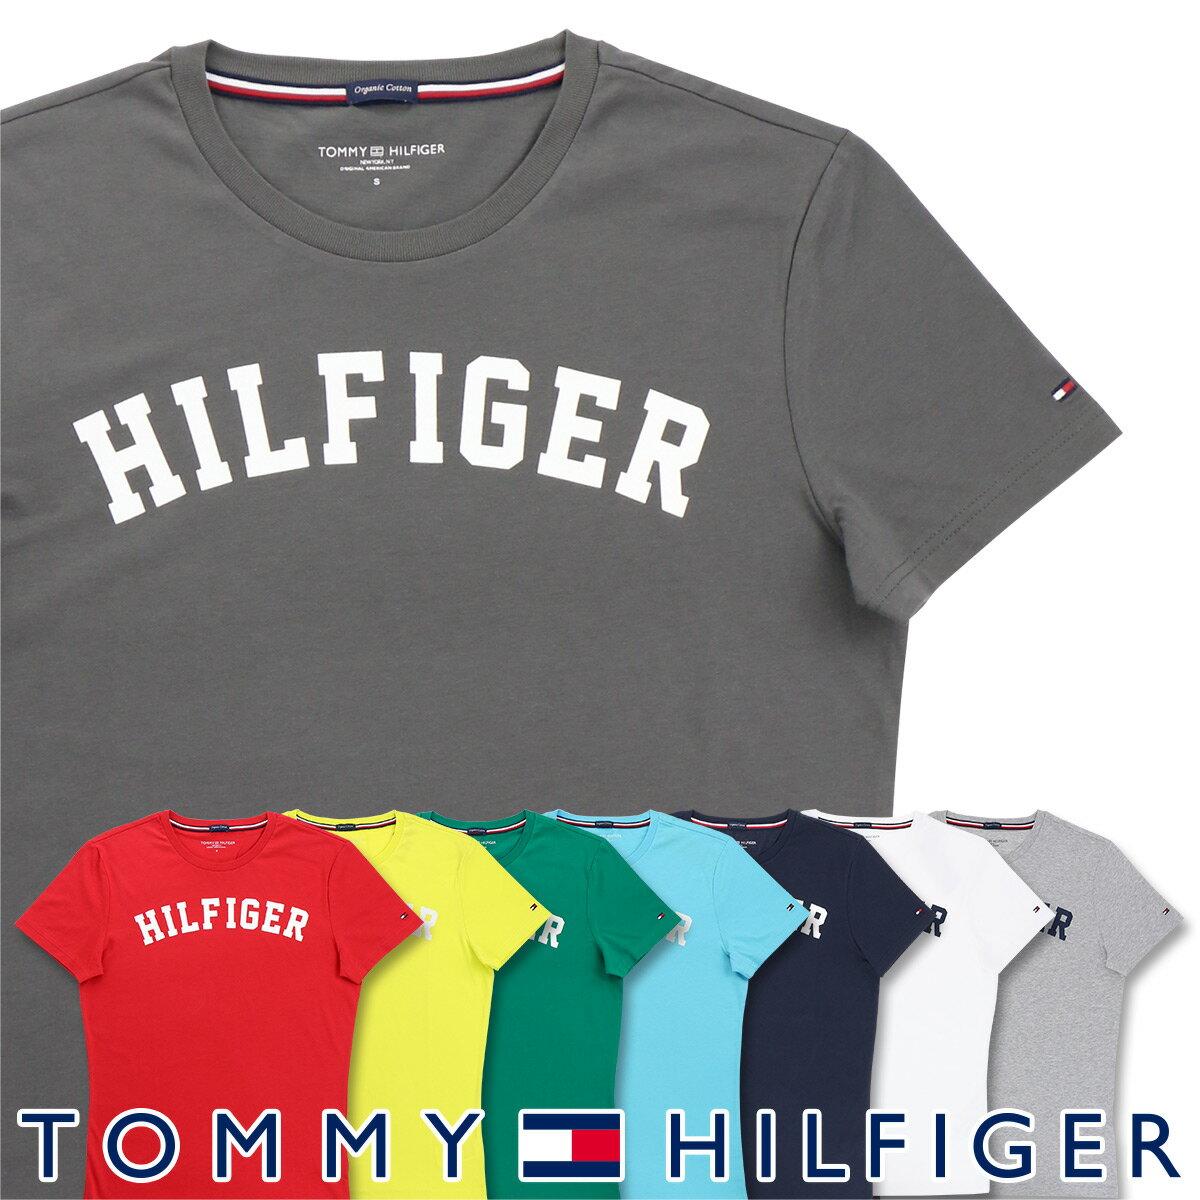 【スーパーDEAL ポイント還元20%】【郵送160円】セール!TOMMY HILFIGER|トミーヒルフィガークルーネック 半袖 ロゴ Tシャツ綿 オーガニックコットン 100%男性 メンズ プレゼント 贈答 ギフト5337-0054